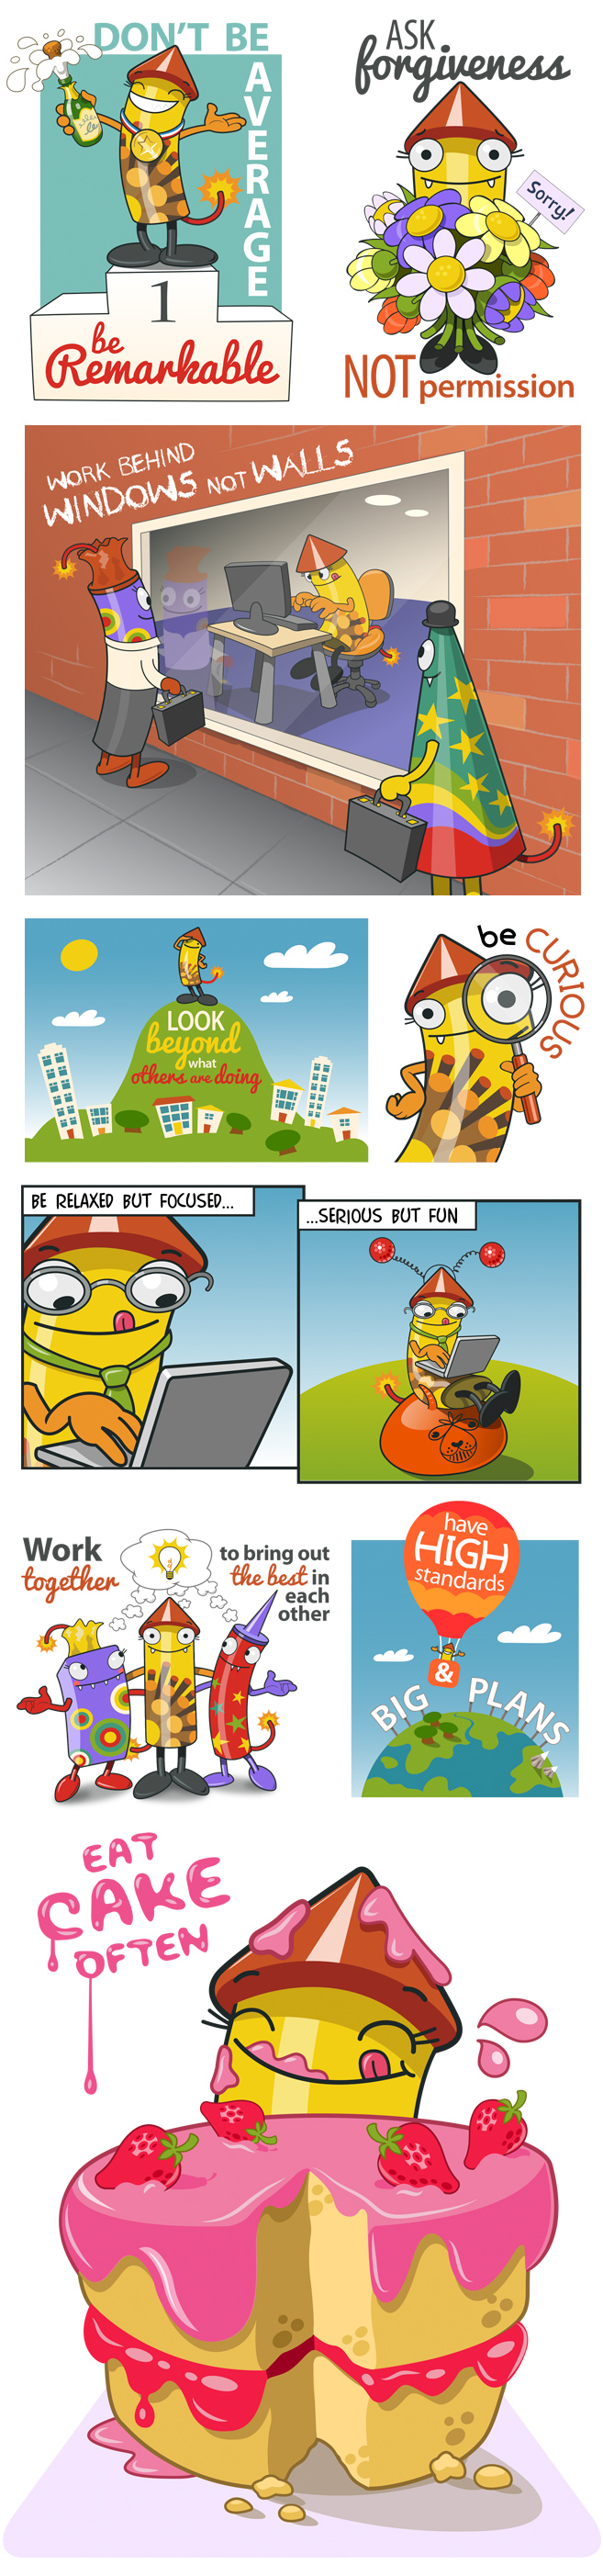 Boom company values graphic